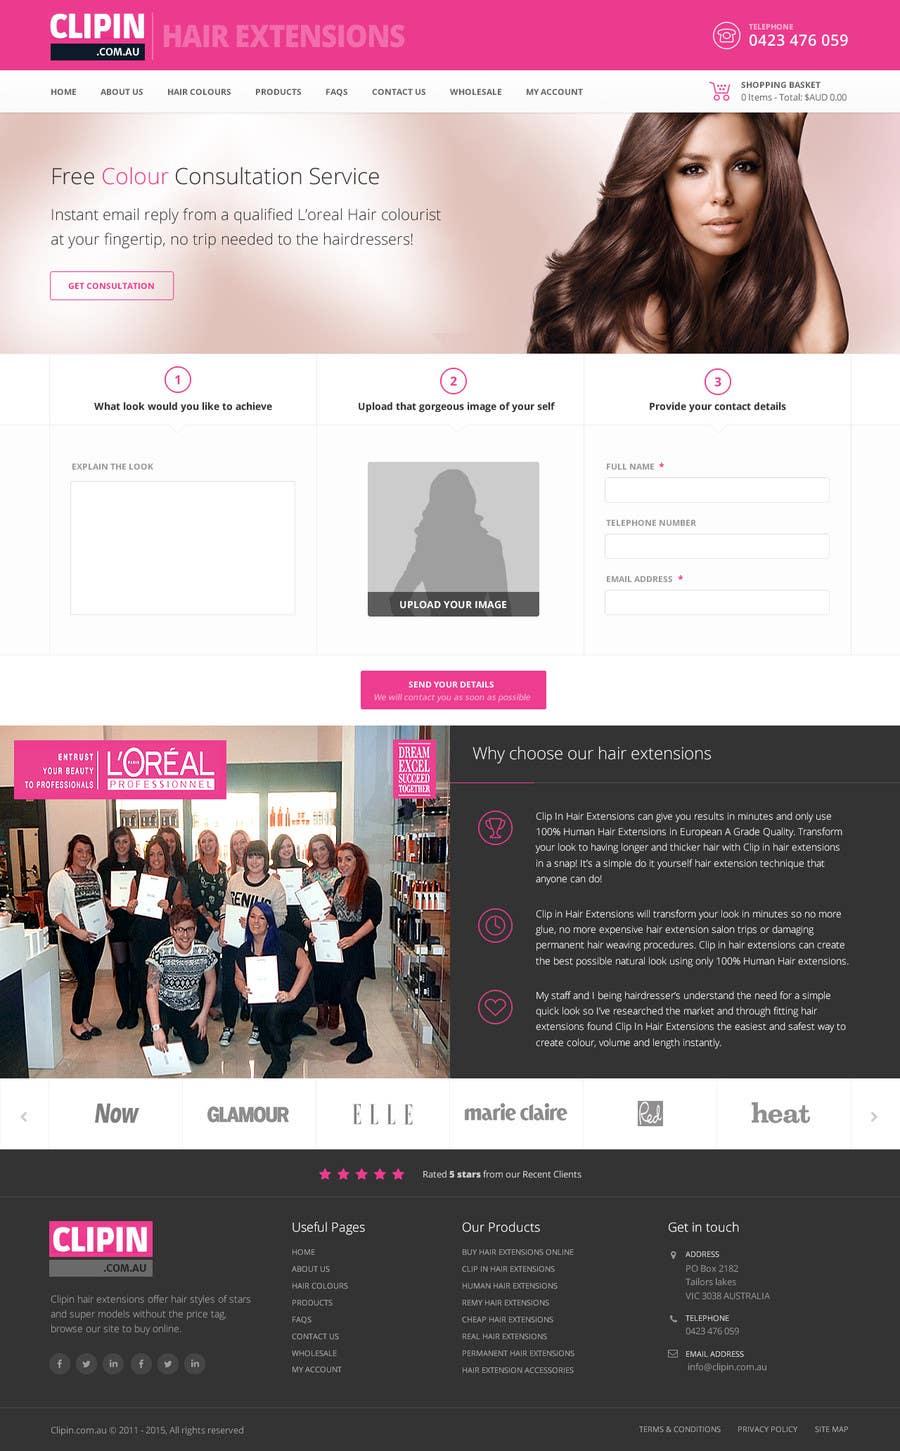 Konkurrenceindlæg #                                        2                                      for                                         Design a Wordpress Mockup for hair brand